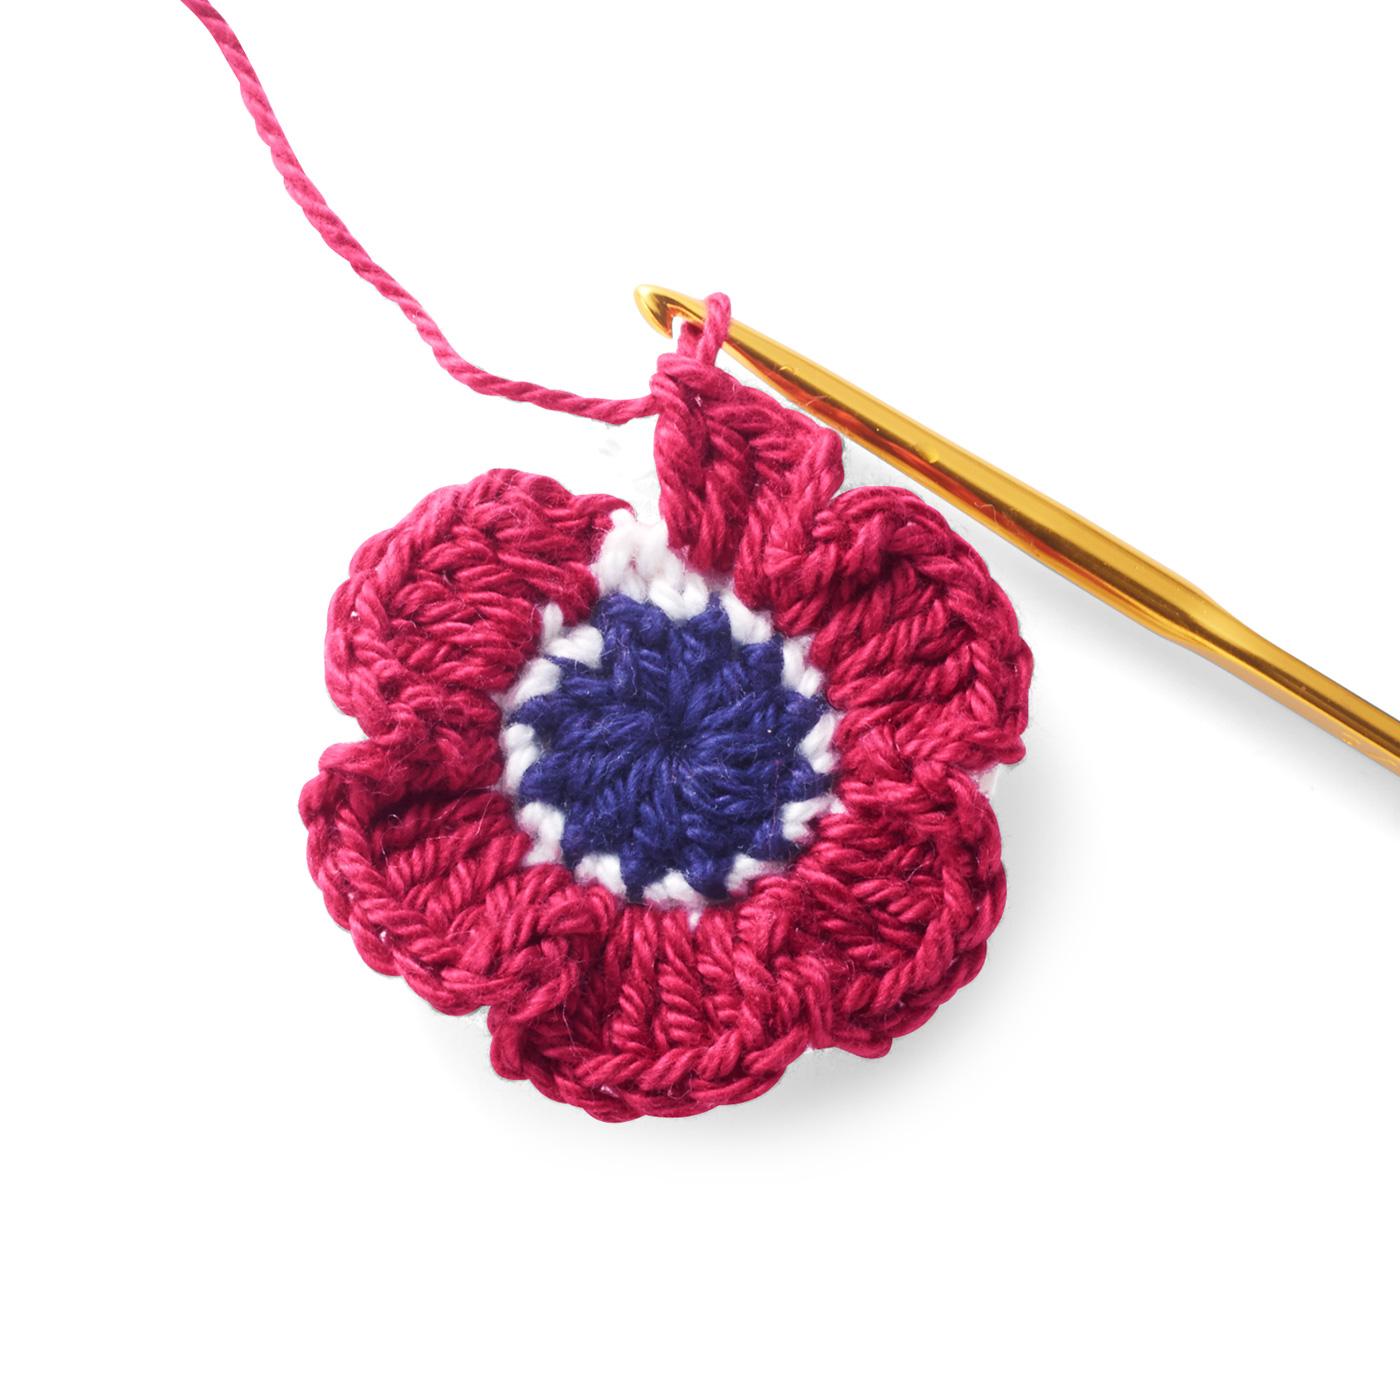 編む楽しさのひみつ♪ 重なり合ったりふっくらしていたり。お花の立体感に心躍ります。